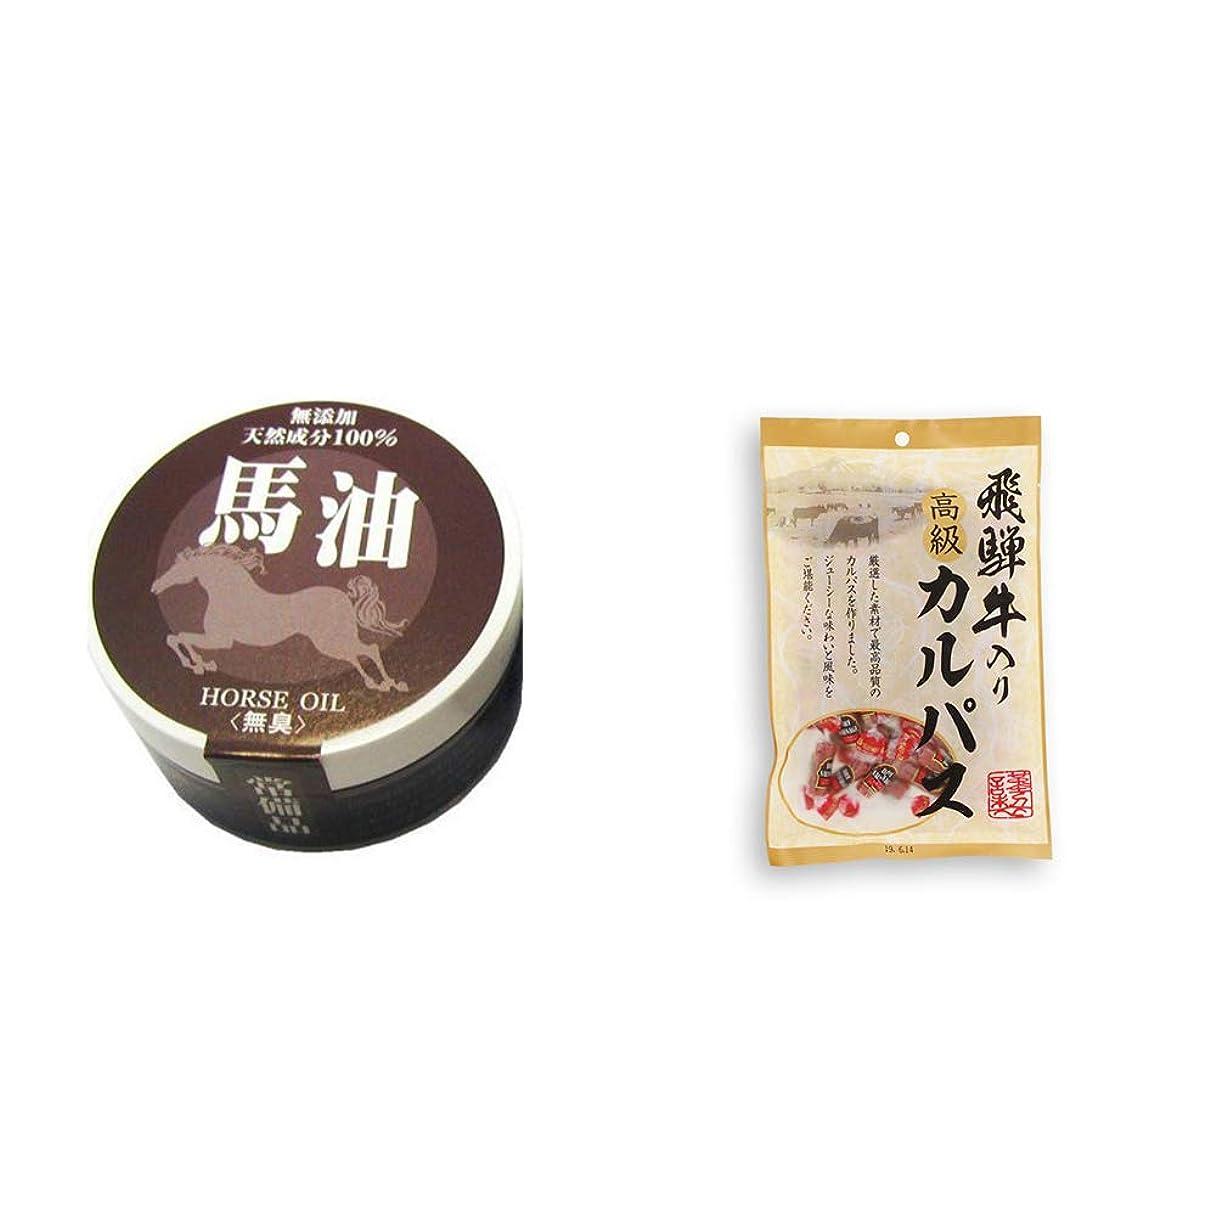 韓国クリープアルコール[2点セット] 無添加天然成分100% 馬油[無香料](38g)?厳選素材 飛騨牛入り高級カルパス(100g)